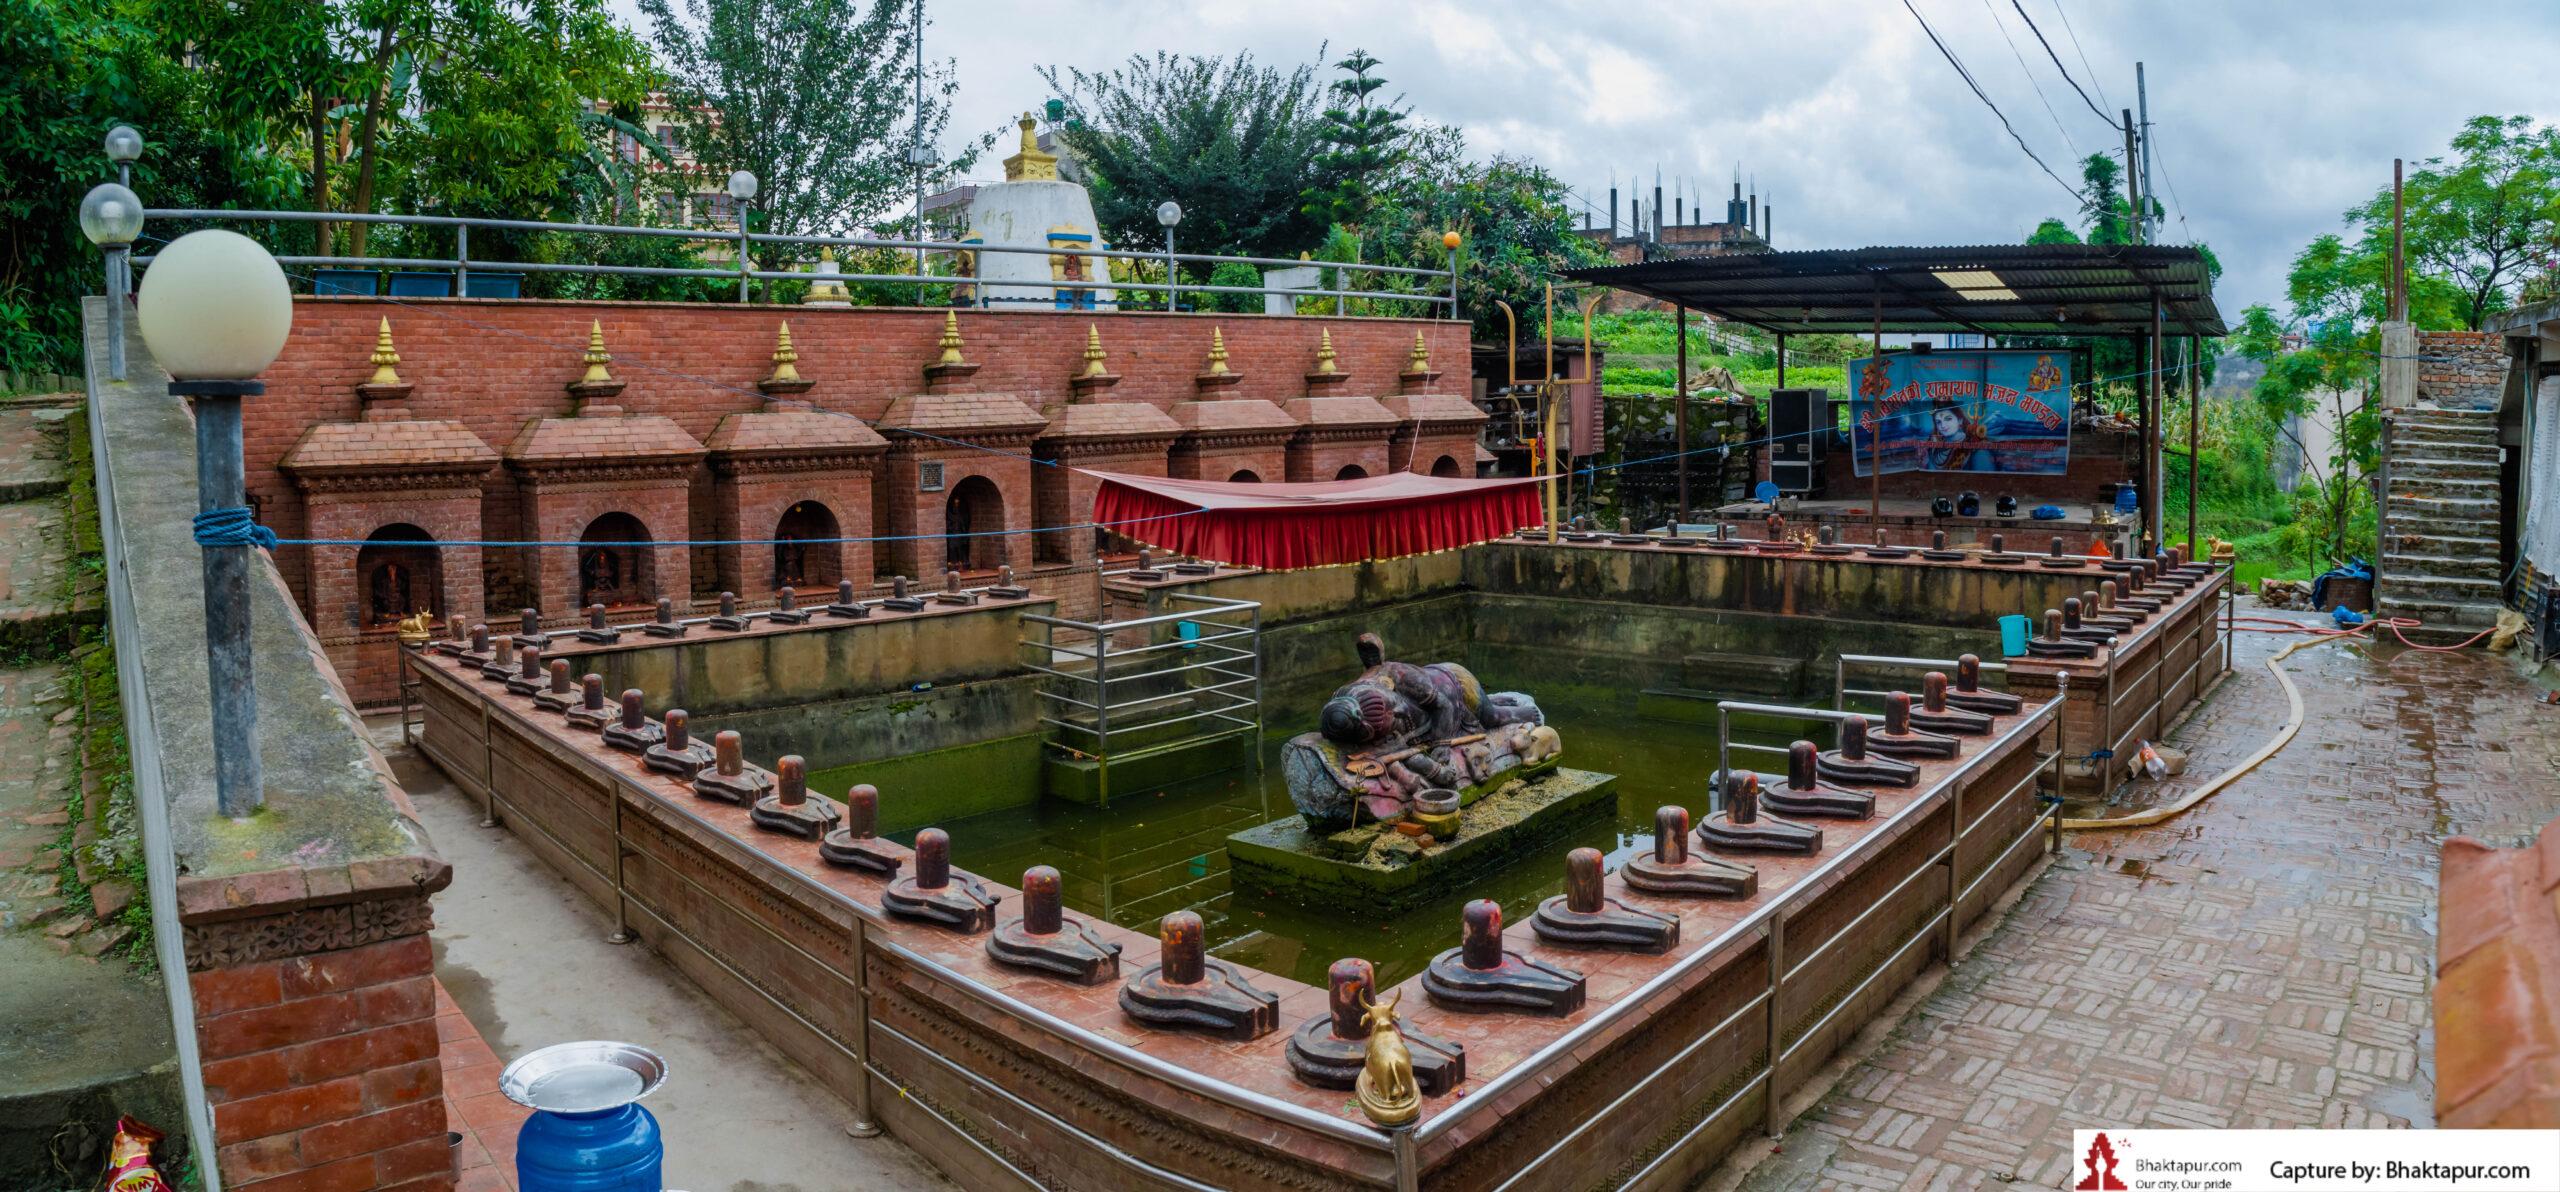 Bisantaki Tirtha-Shileshwor image